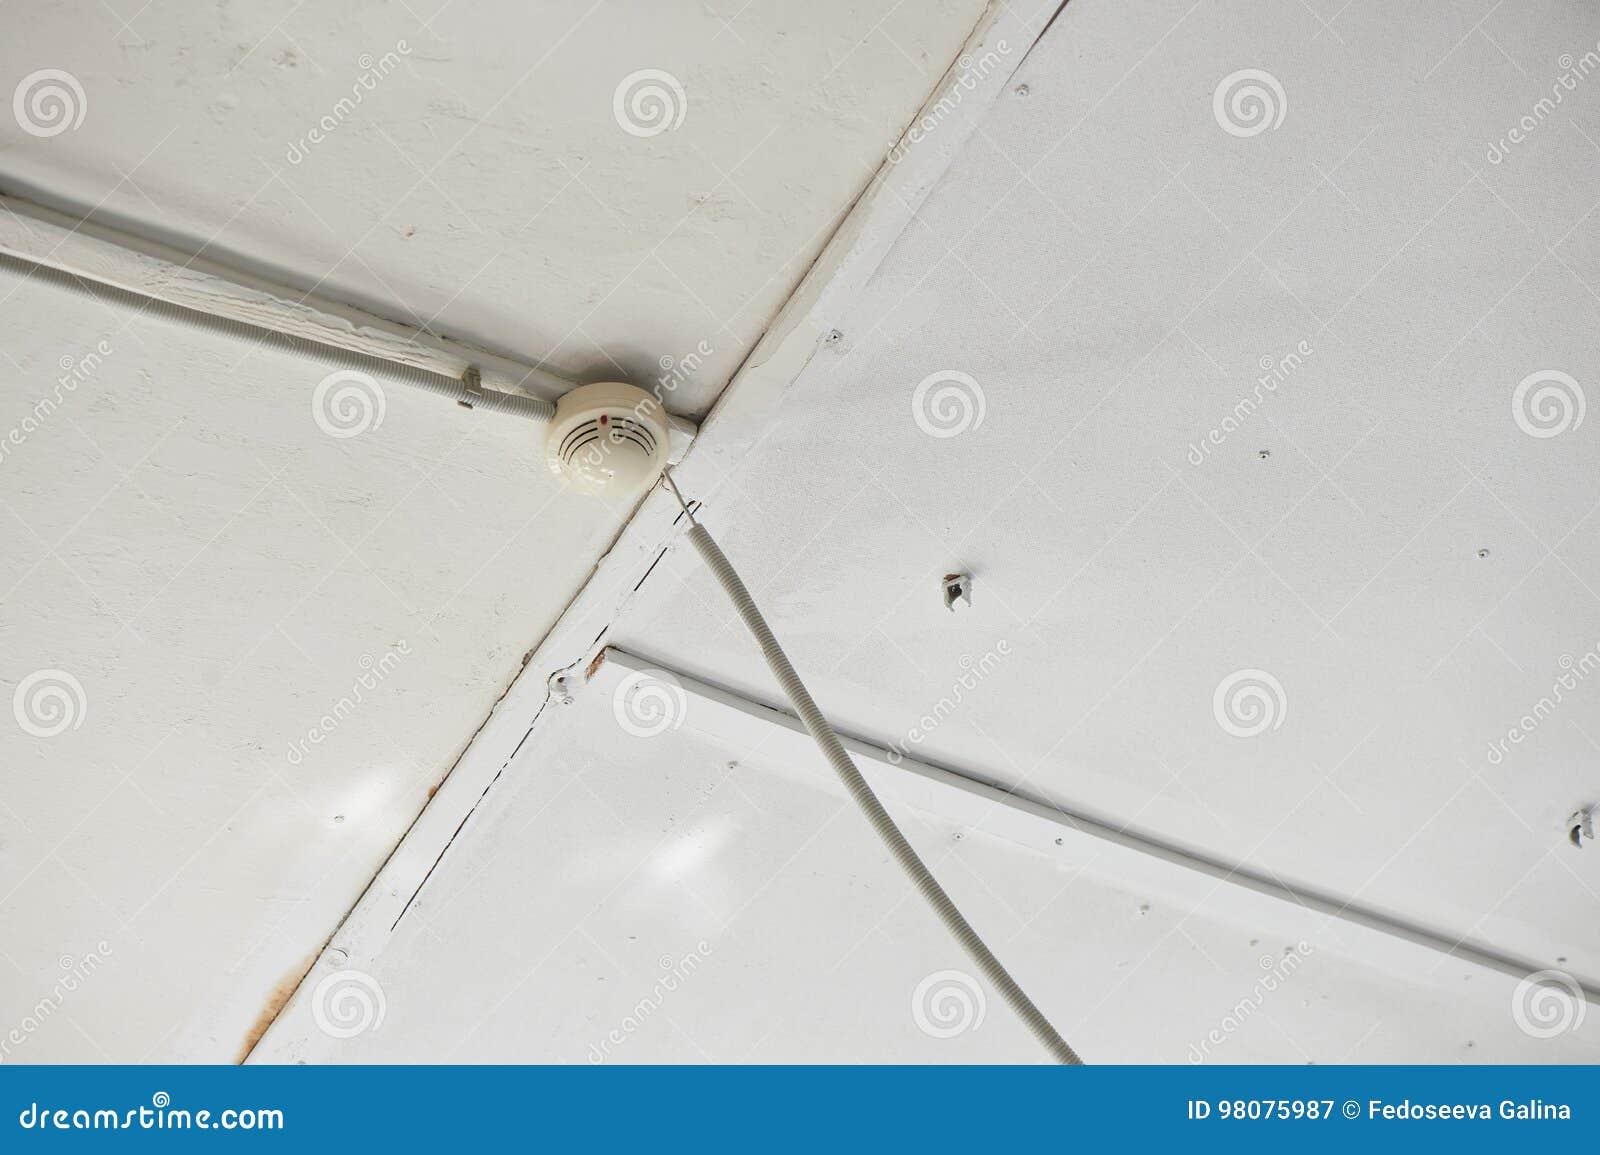 Soffitti In Legno Bianco : Legno dipinto di bianco i soffitti a volta foto immagine stock